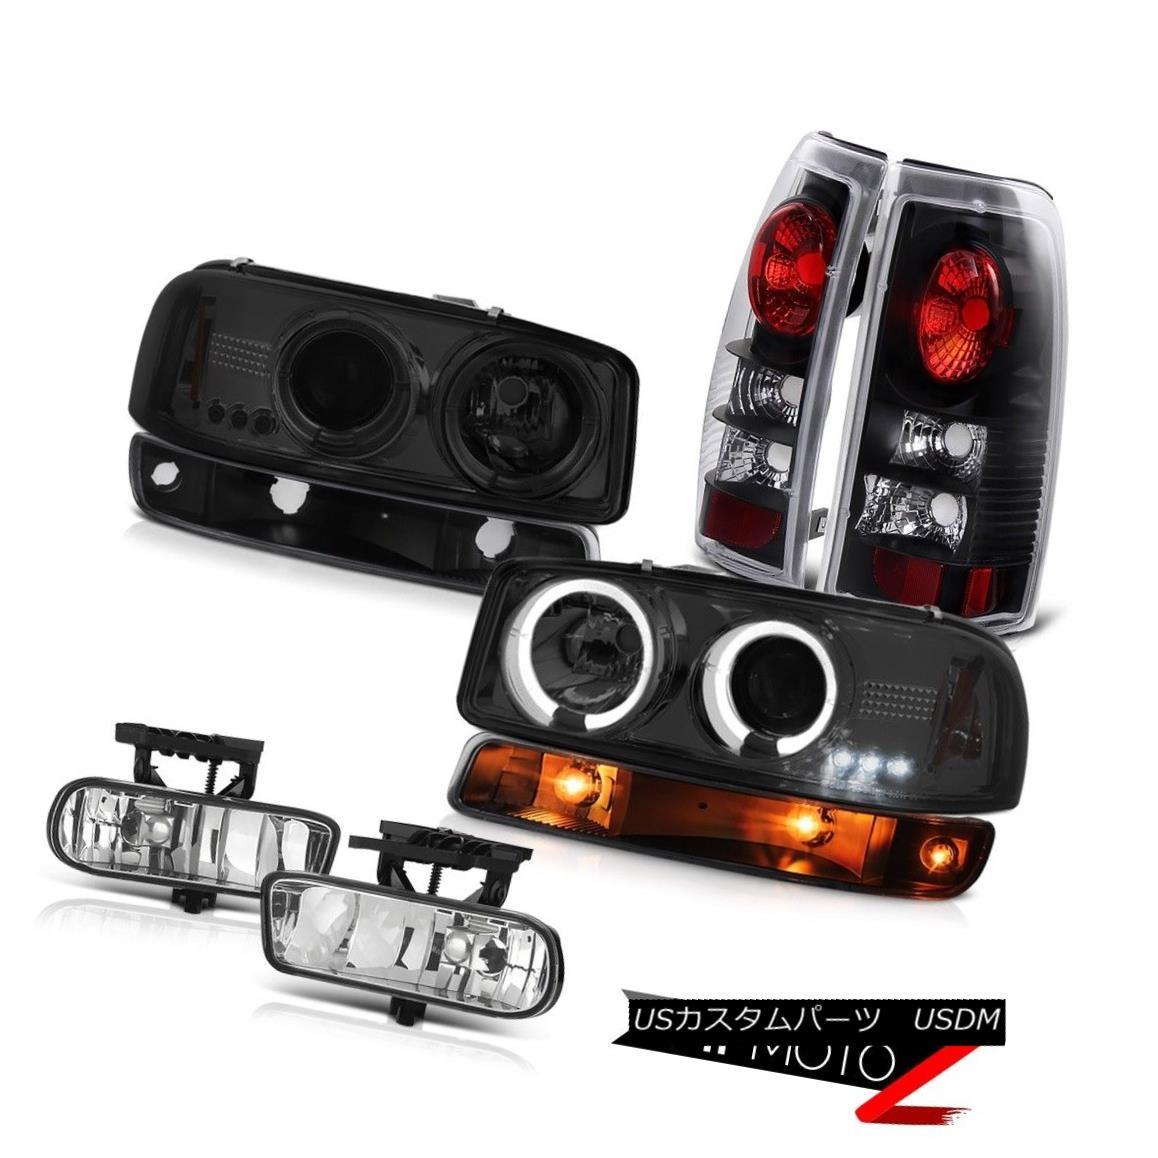 ヘッドライト 99-02 Sierra 5.3L Foglamps inky black taillights bumper light smoked headlights 99-02シエラ5.3Lフォグランプインキーブラックテールライトバンパーライトスモークヘッドライト